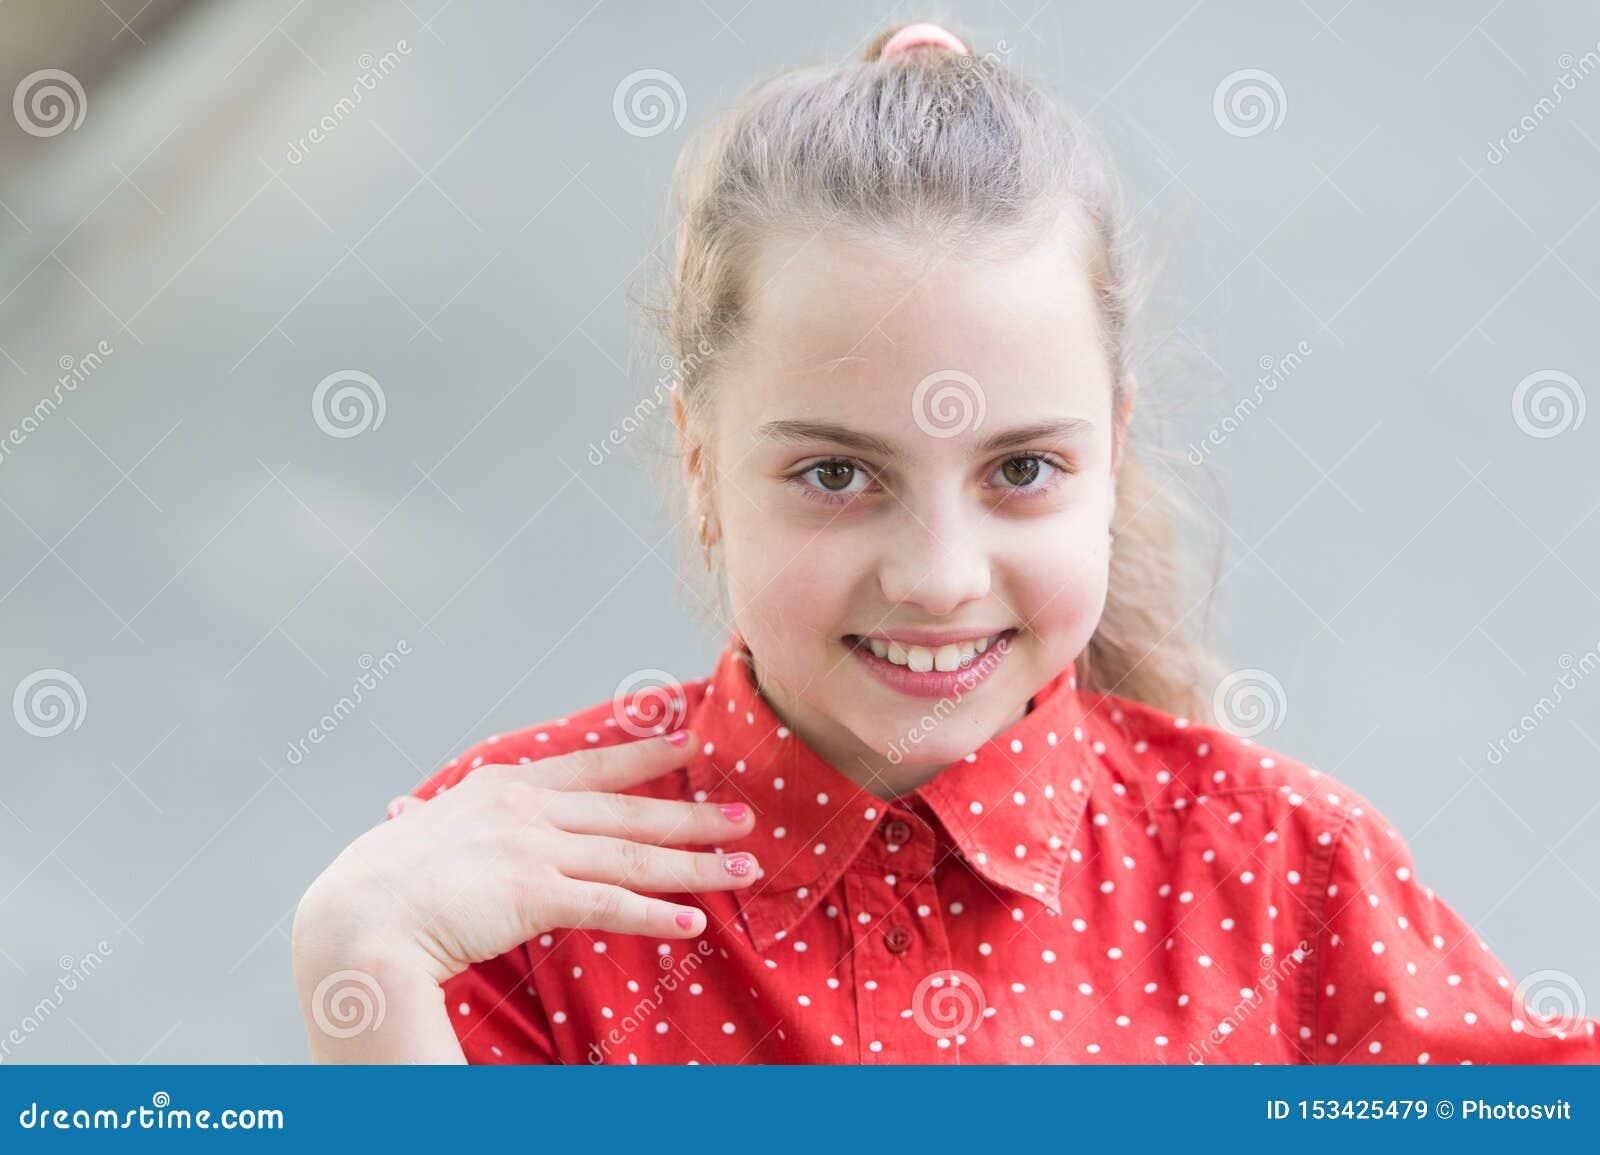 Teder klein jong geitje die mooi gezicht glimlachen Geluk en vreugde Toothy glimlach Weinig kind gelukkige glimlach Het glimlache